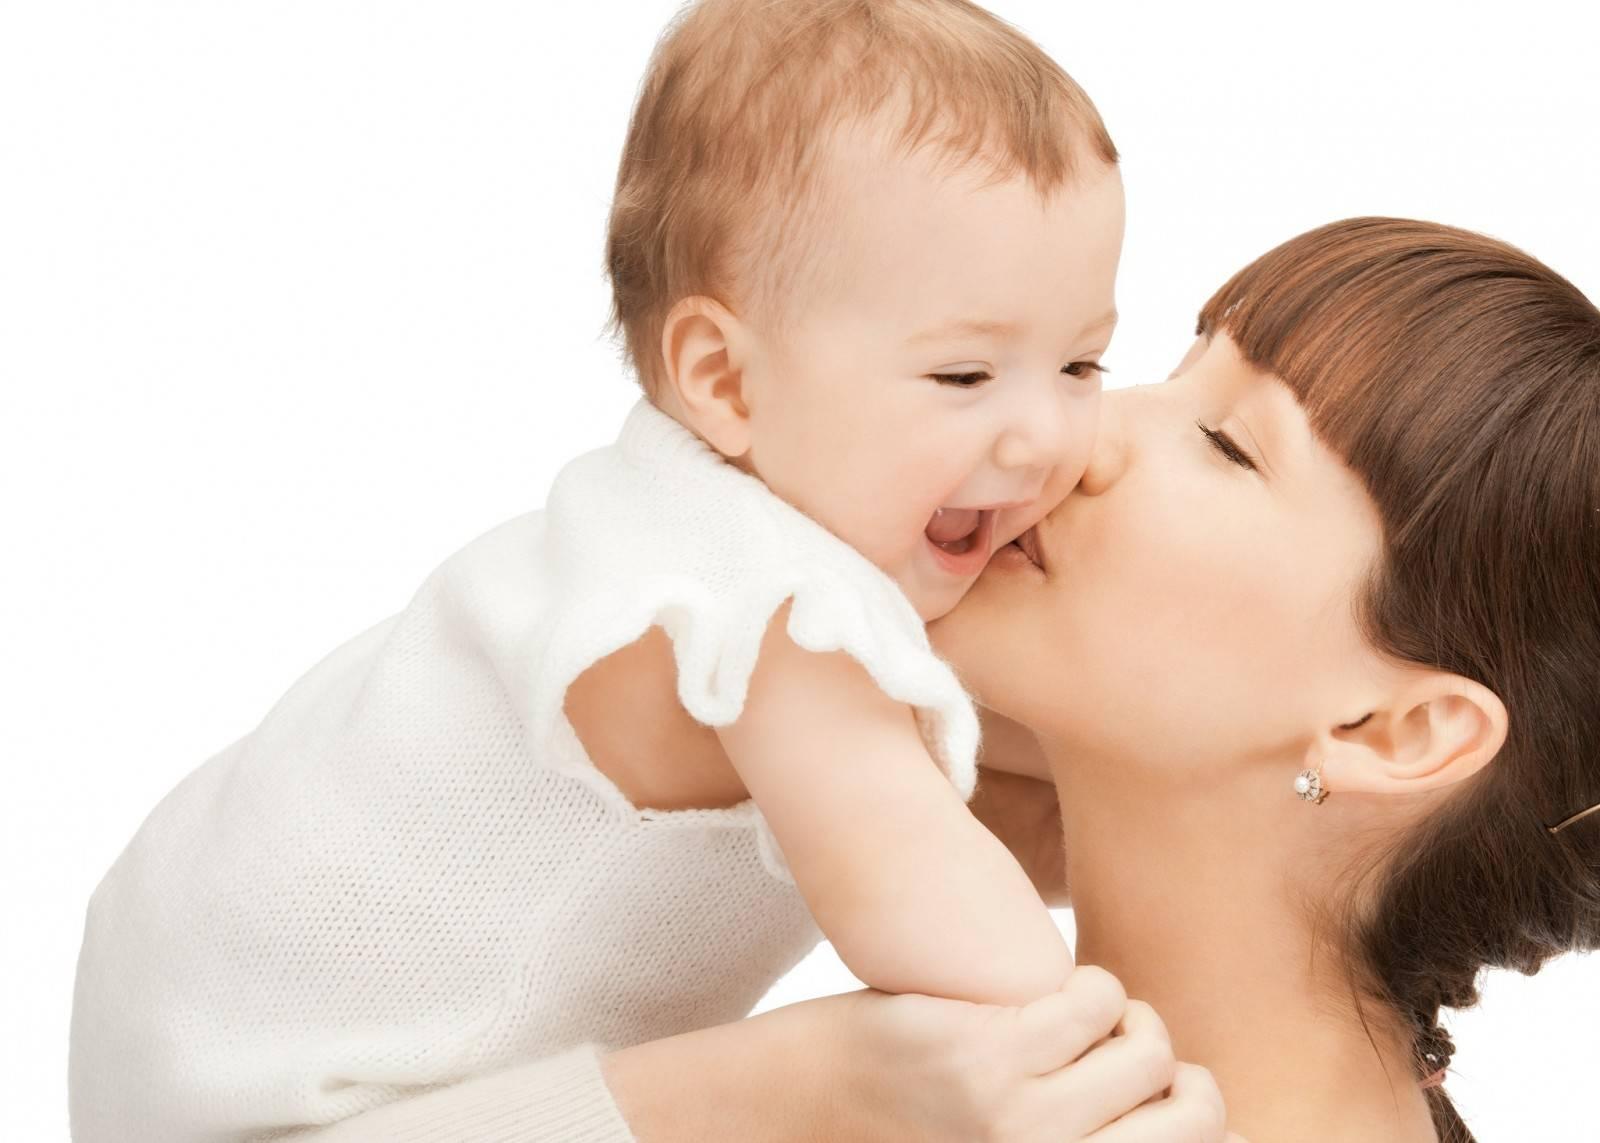 При кормлении грудью ребенок плачет